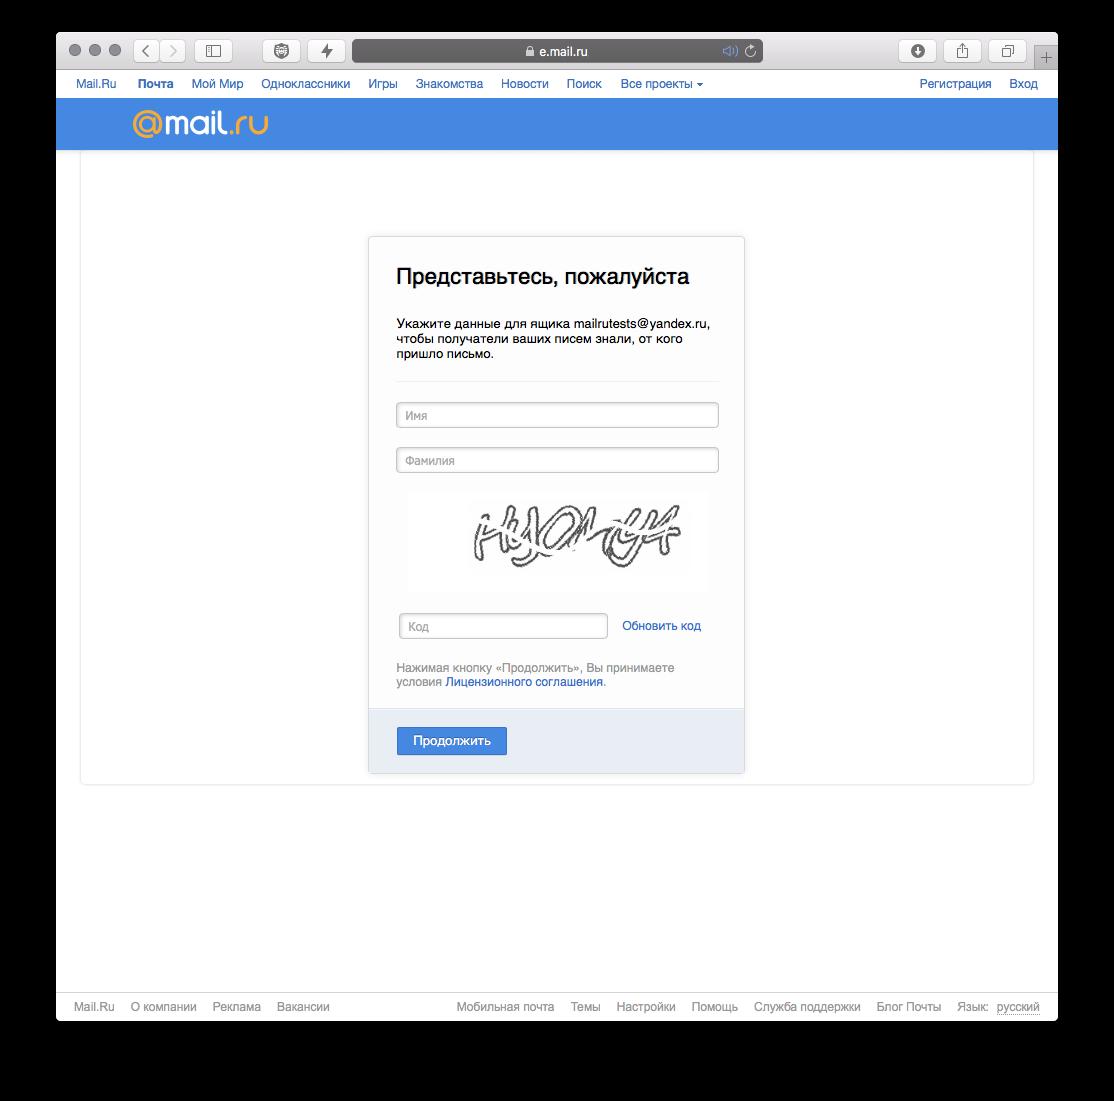 Как сделать логин и пароль